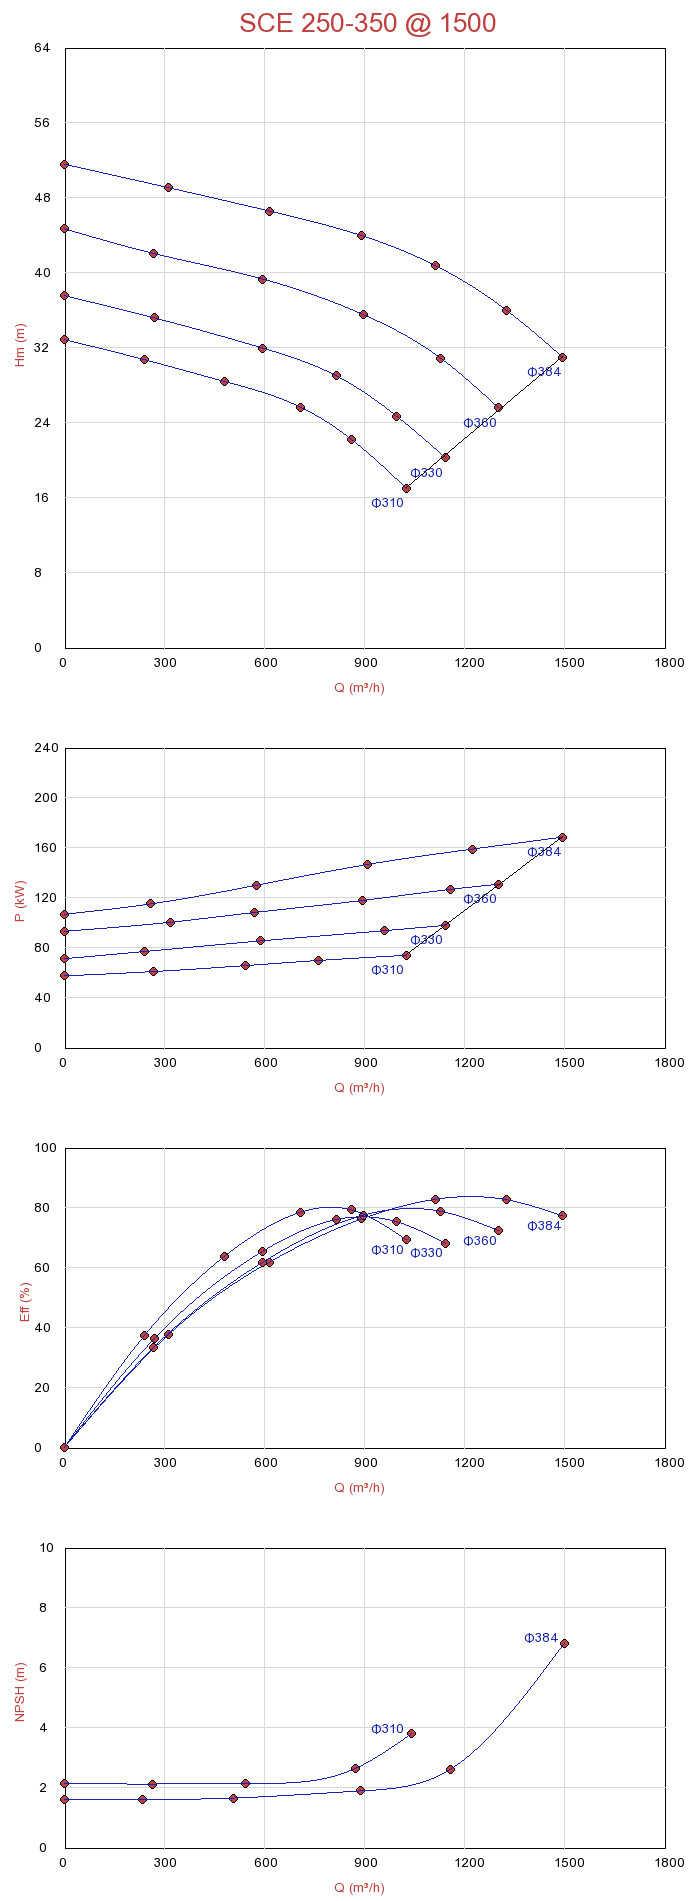 Biểu đồ lưu lượng của máy bơm ly tâm hút đôi Sempa SCE 250-350